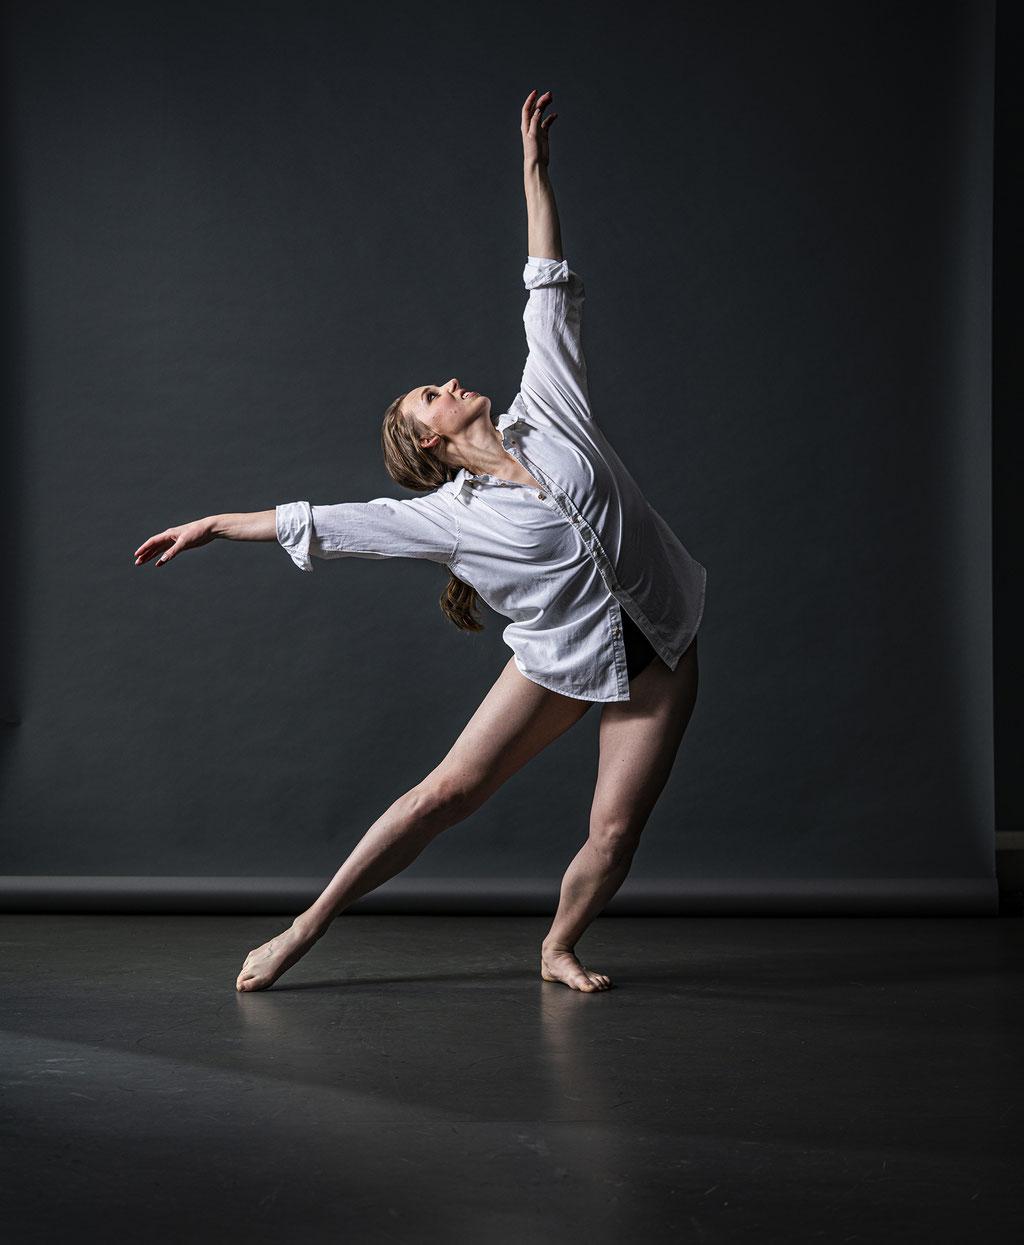 Lara Schitto - Singer, Dancer, Actress  ©martin_schitto @fotomartsch